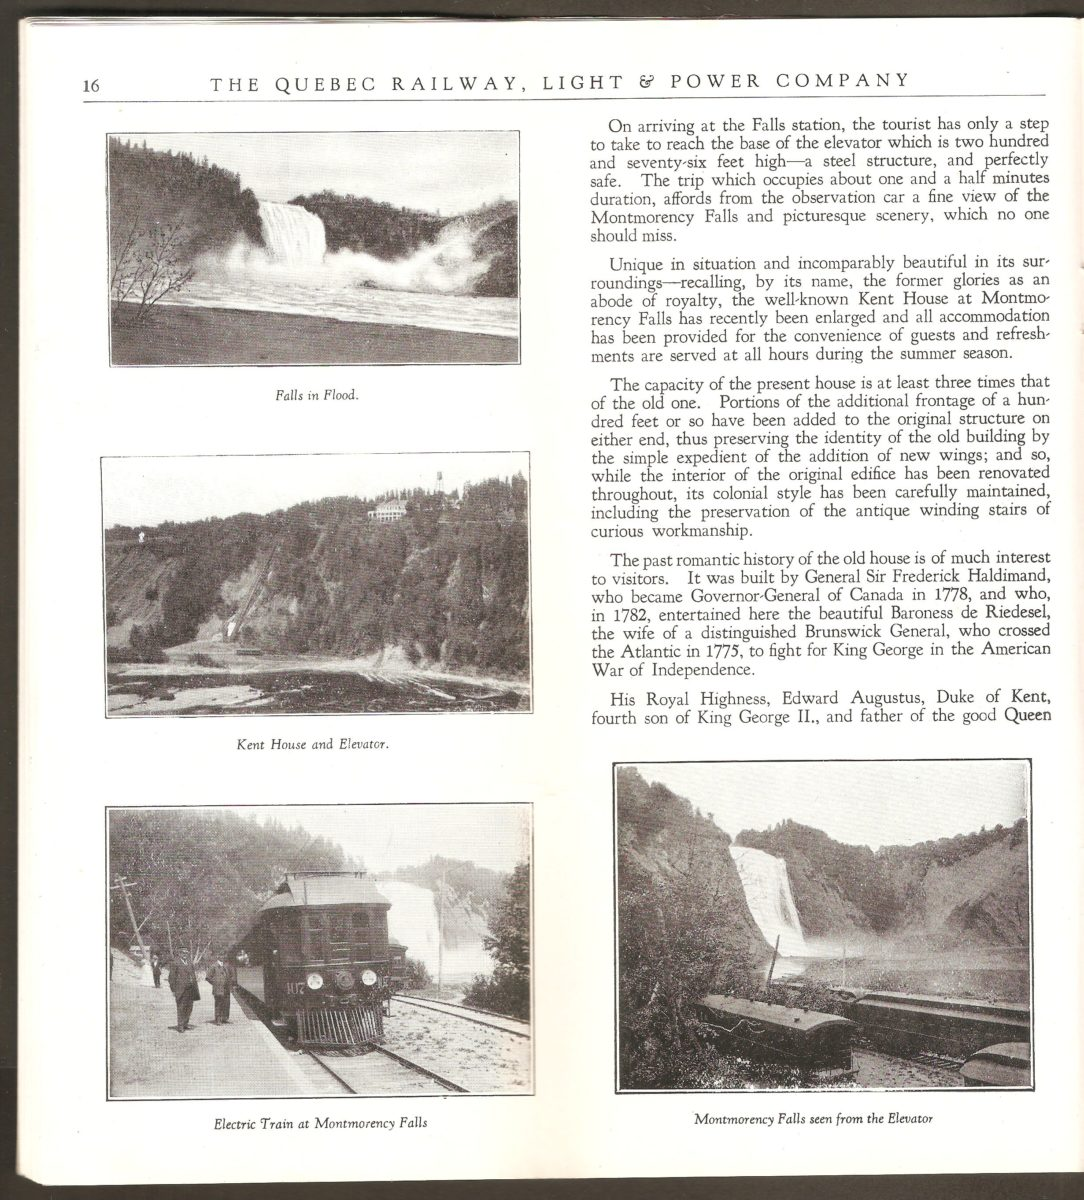 Une seconde double page à propos du site de la chute Montmorency. On remarque notamment ici des tramways au pied de la chute.